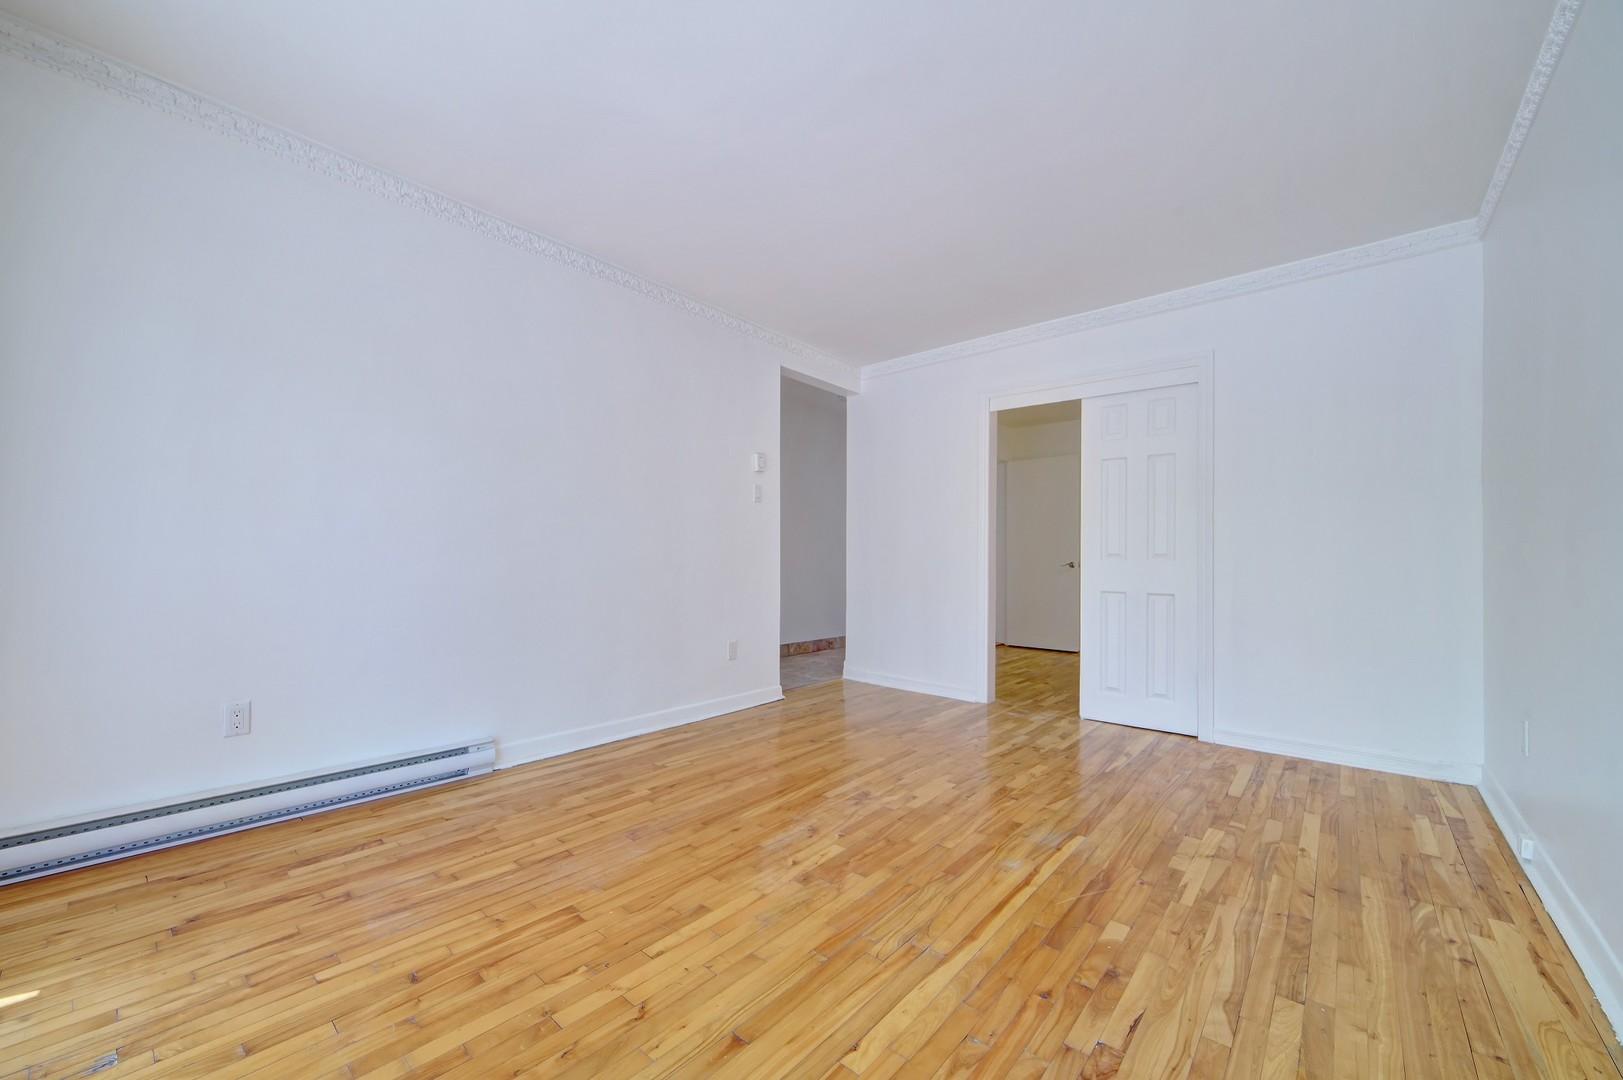 image 9 - Apartment - For rent - Montréal  (Mercier) - 4 rooms